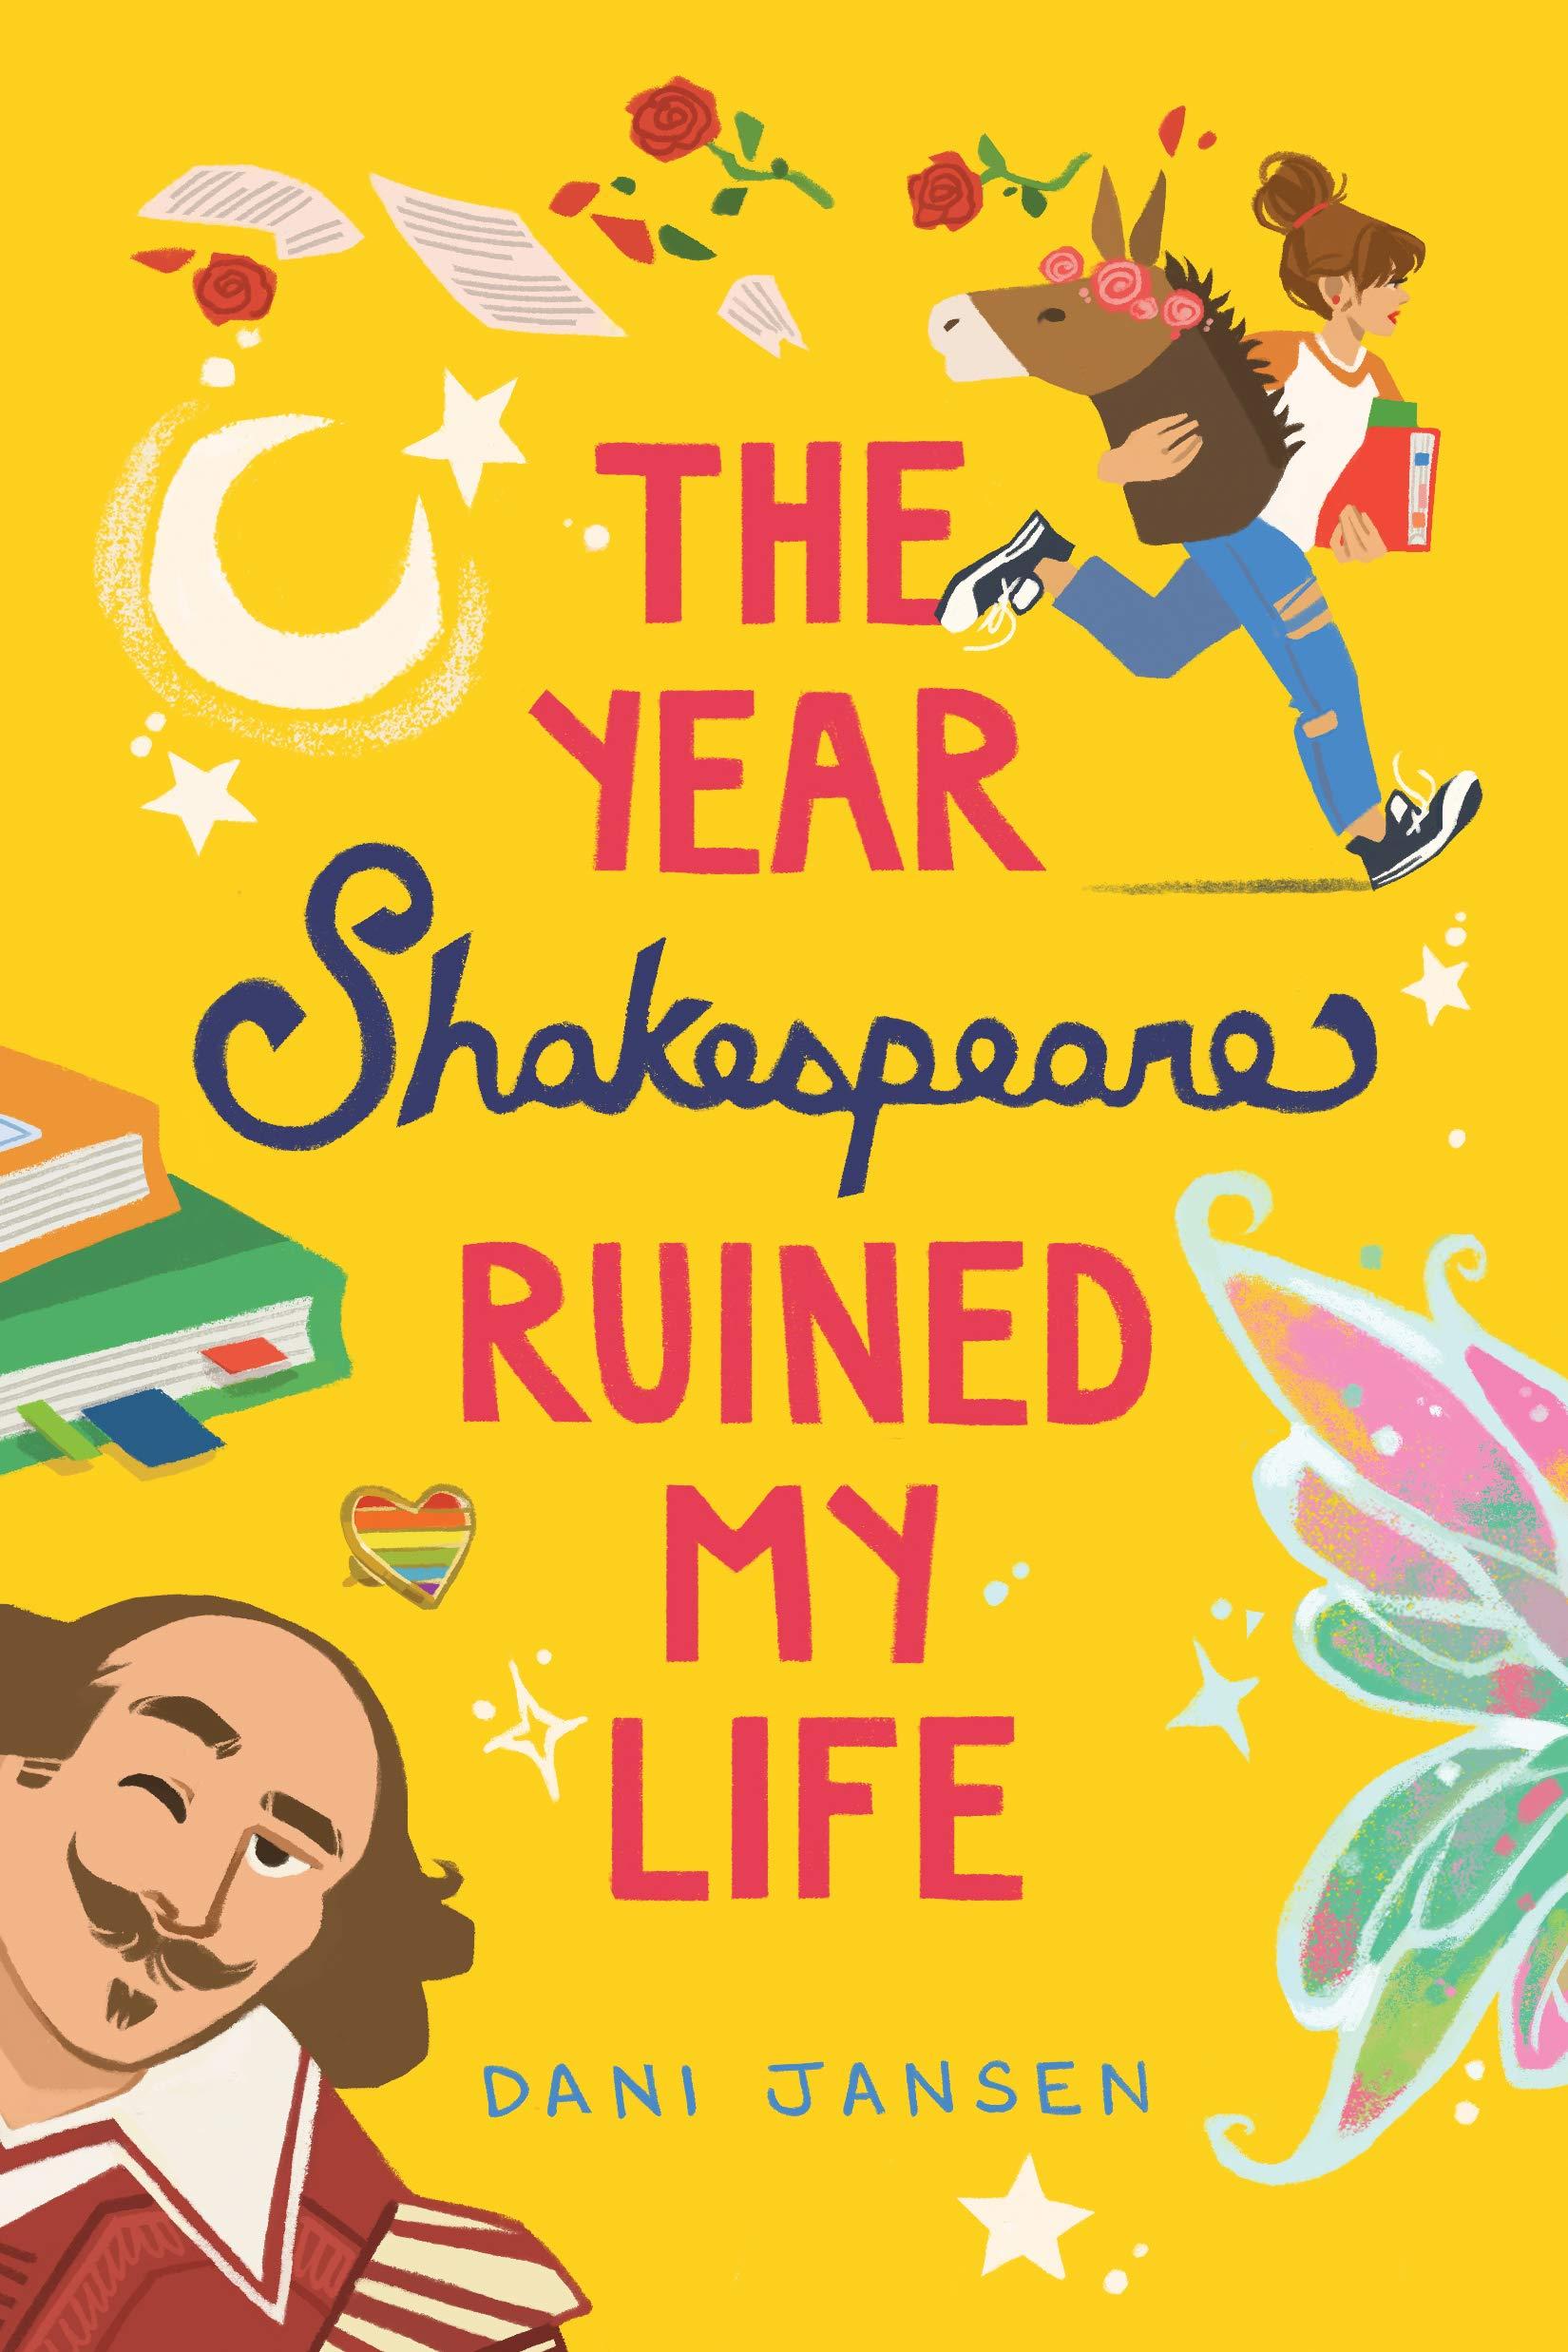 Amazon.com: The Year Shakespeare Ruined My Life (9781772601213): Jansen,  Dani: Books